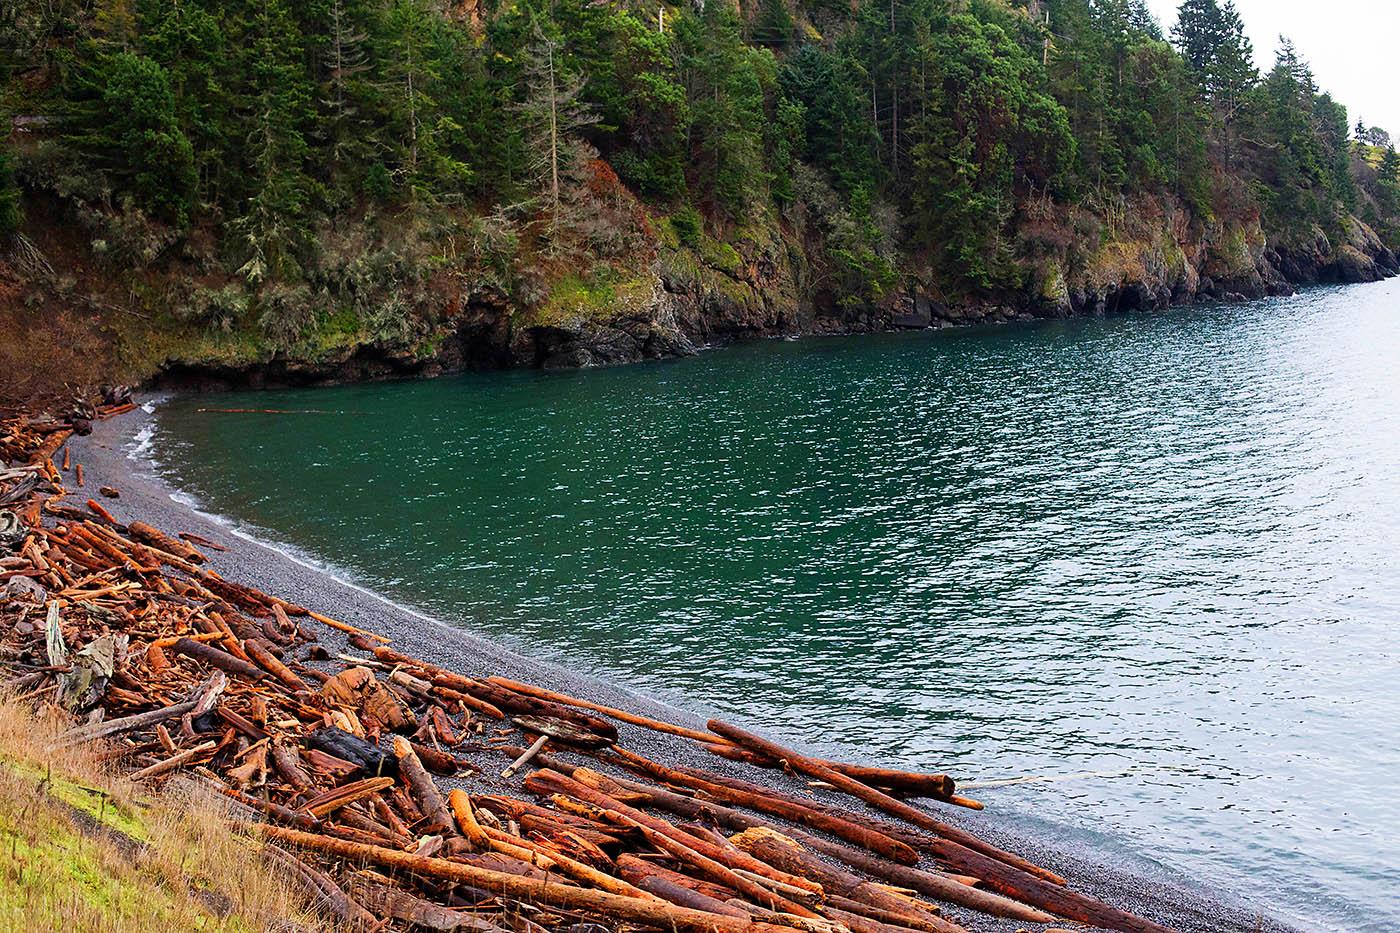 San Juan Island (near Washington state) for a fun family vacation